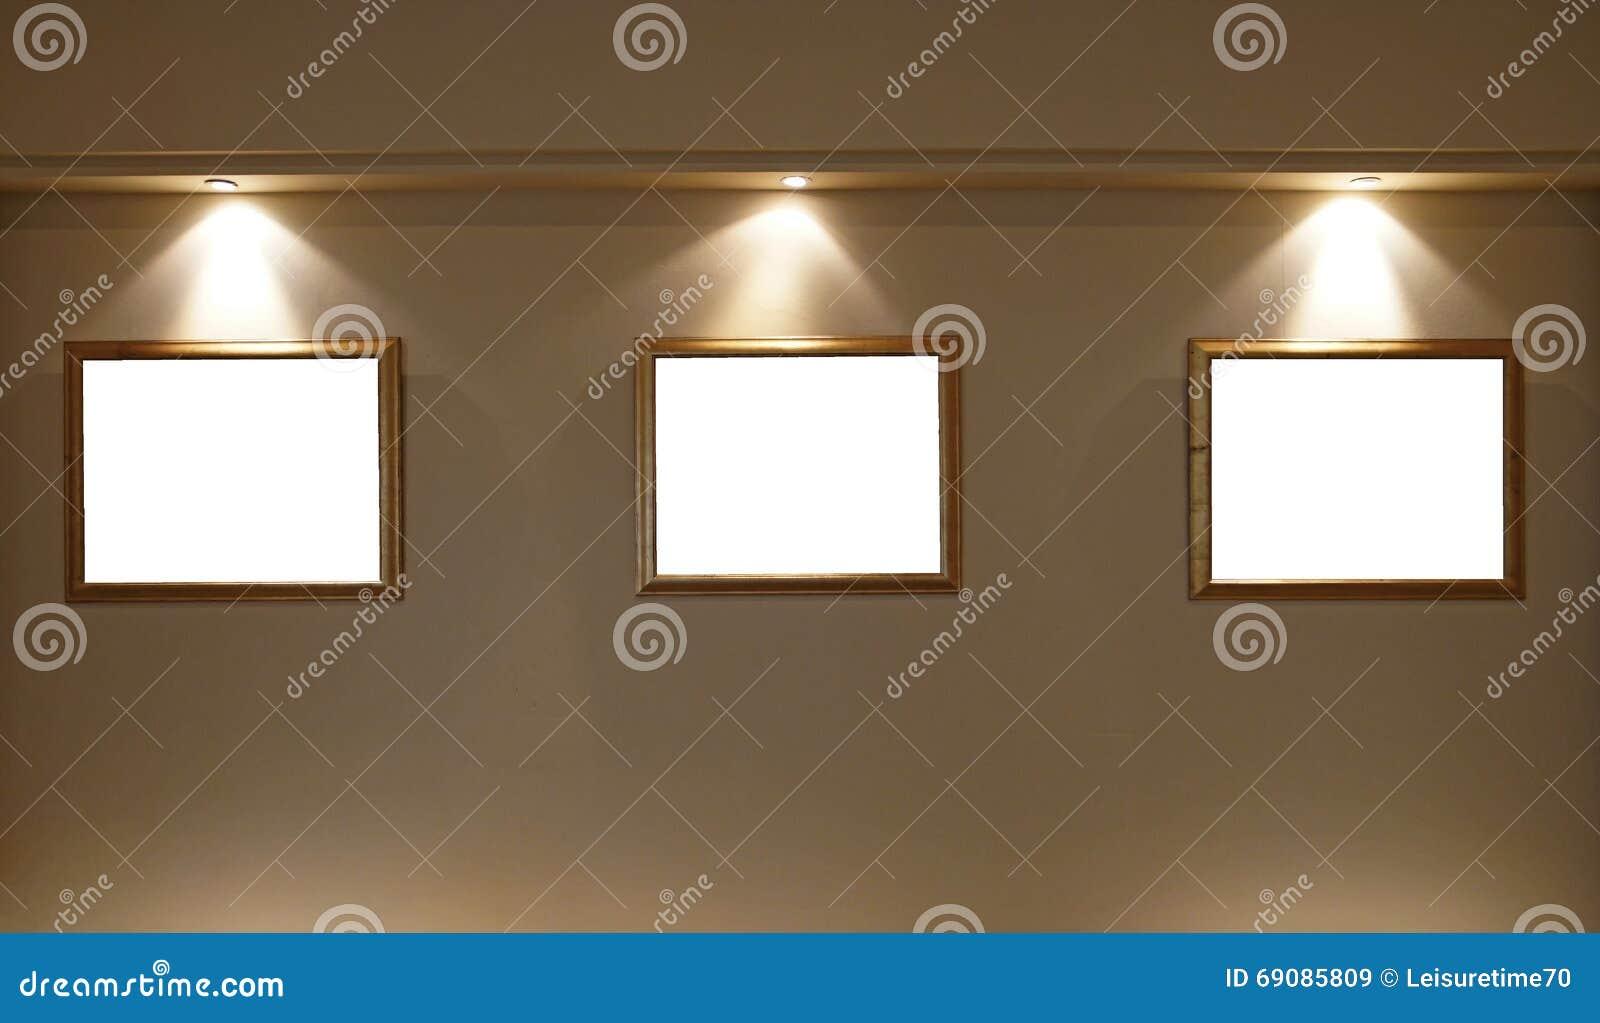 Leere Bilderrahmen Auf Der Wand Mit Beleuchtung Stockbild - Bild von ...